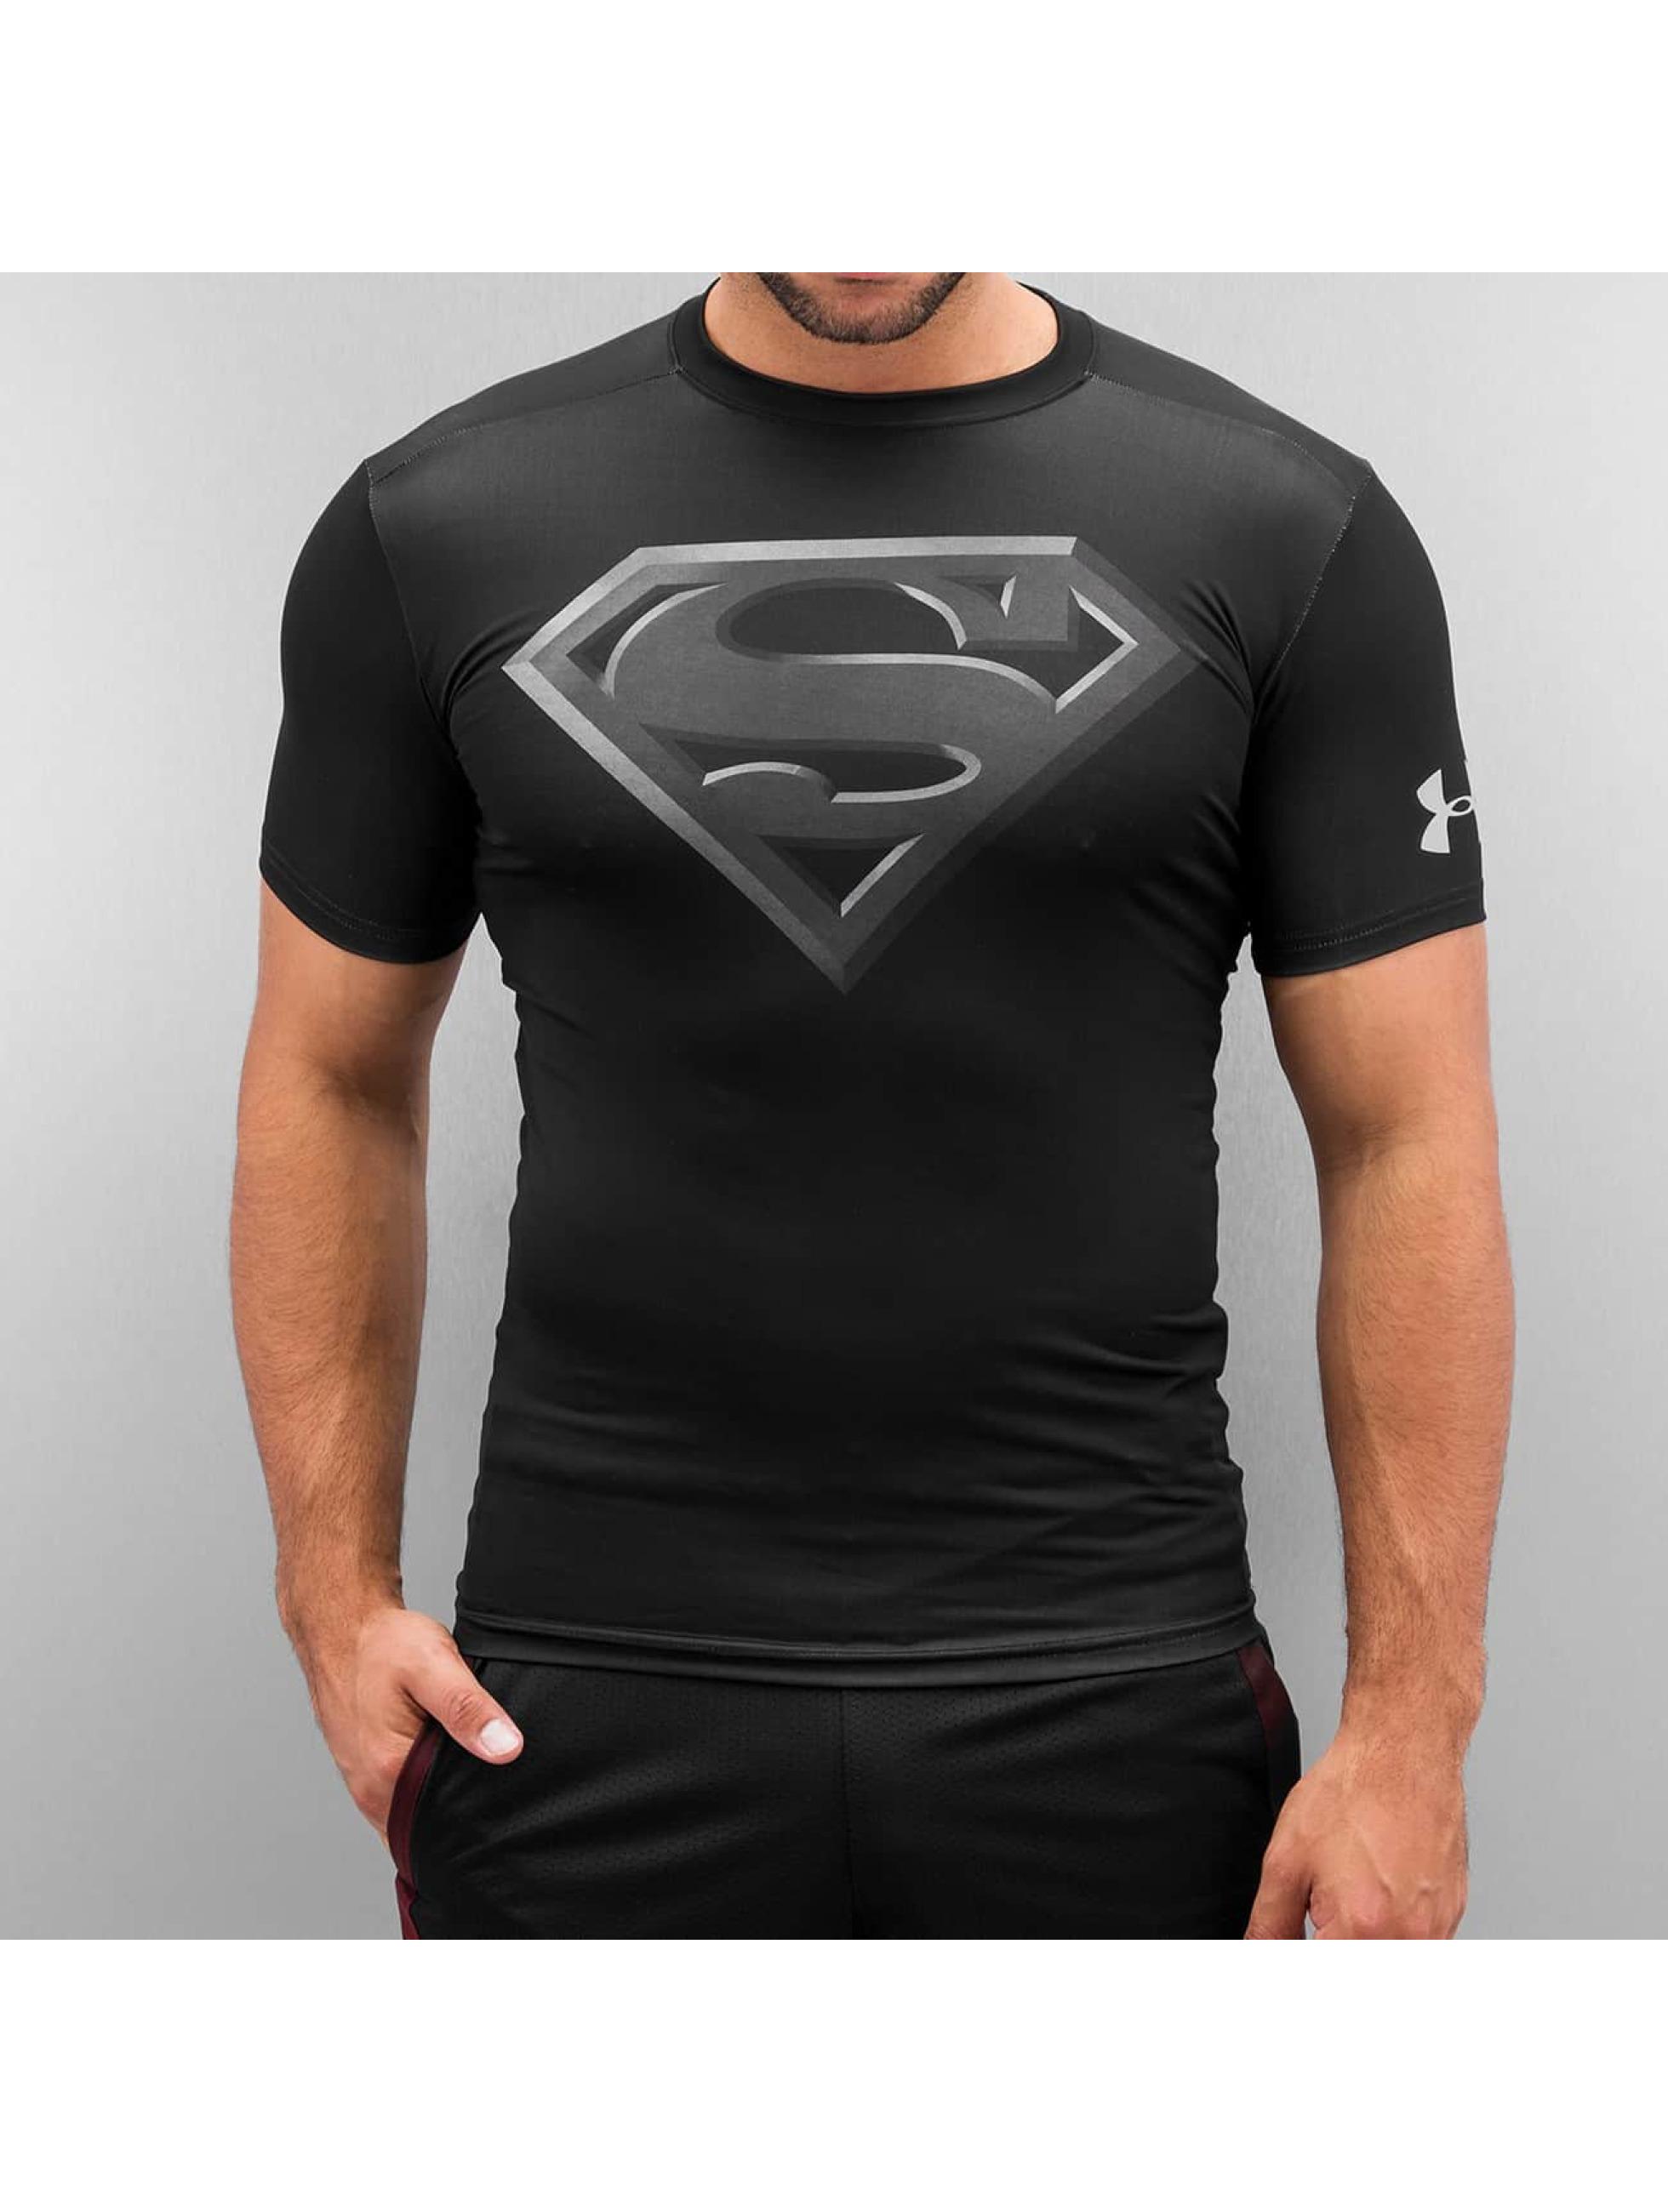 Under Armour T-Shirt Alter Ego Superman Compression schwarz